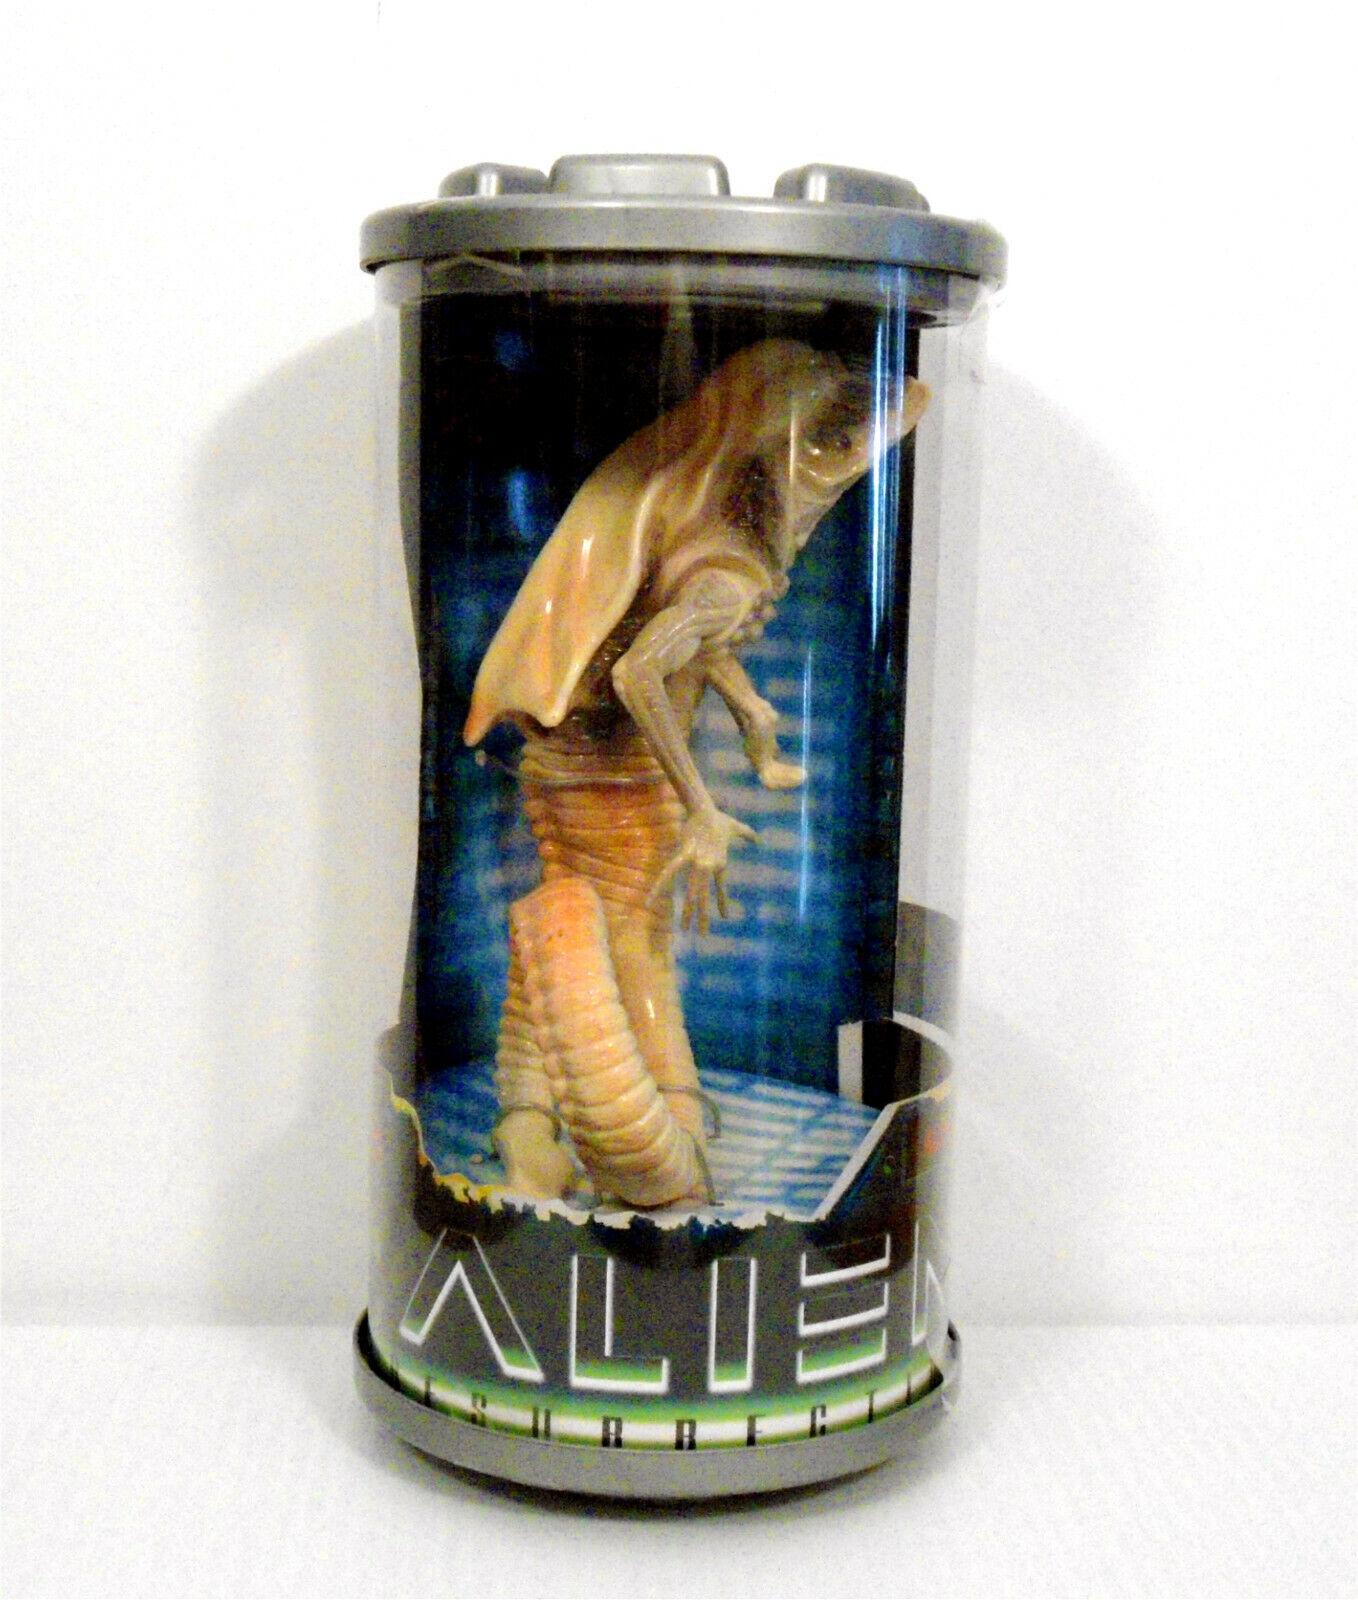 Alien resurrección Hasbro Signature Series Alien crías película Ed. 1997 Como Nuevo